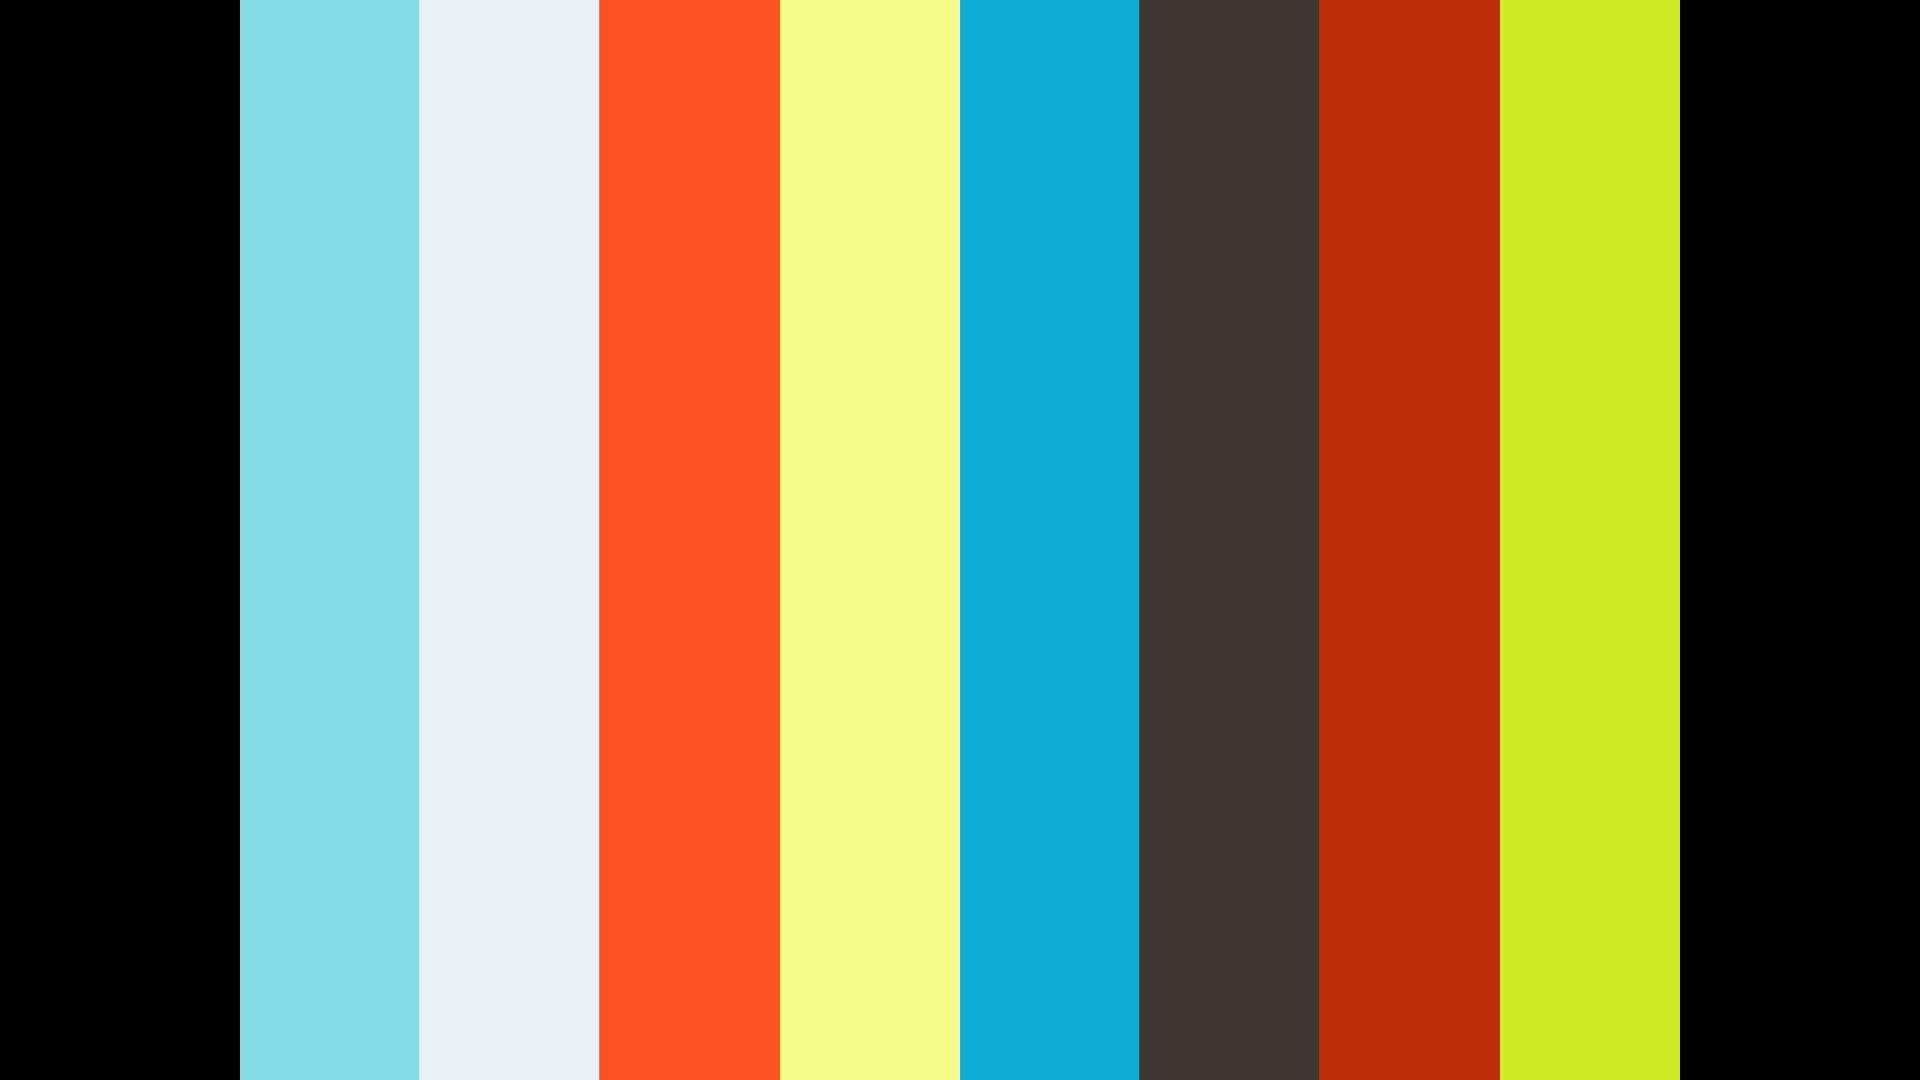 Affinity Designer for iPad tutorials